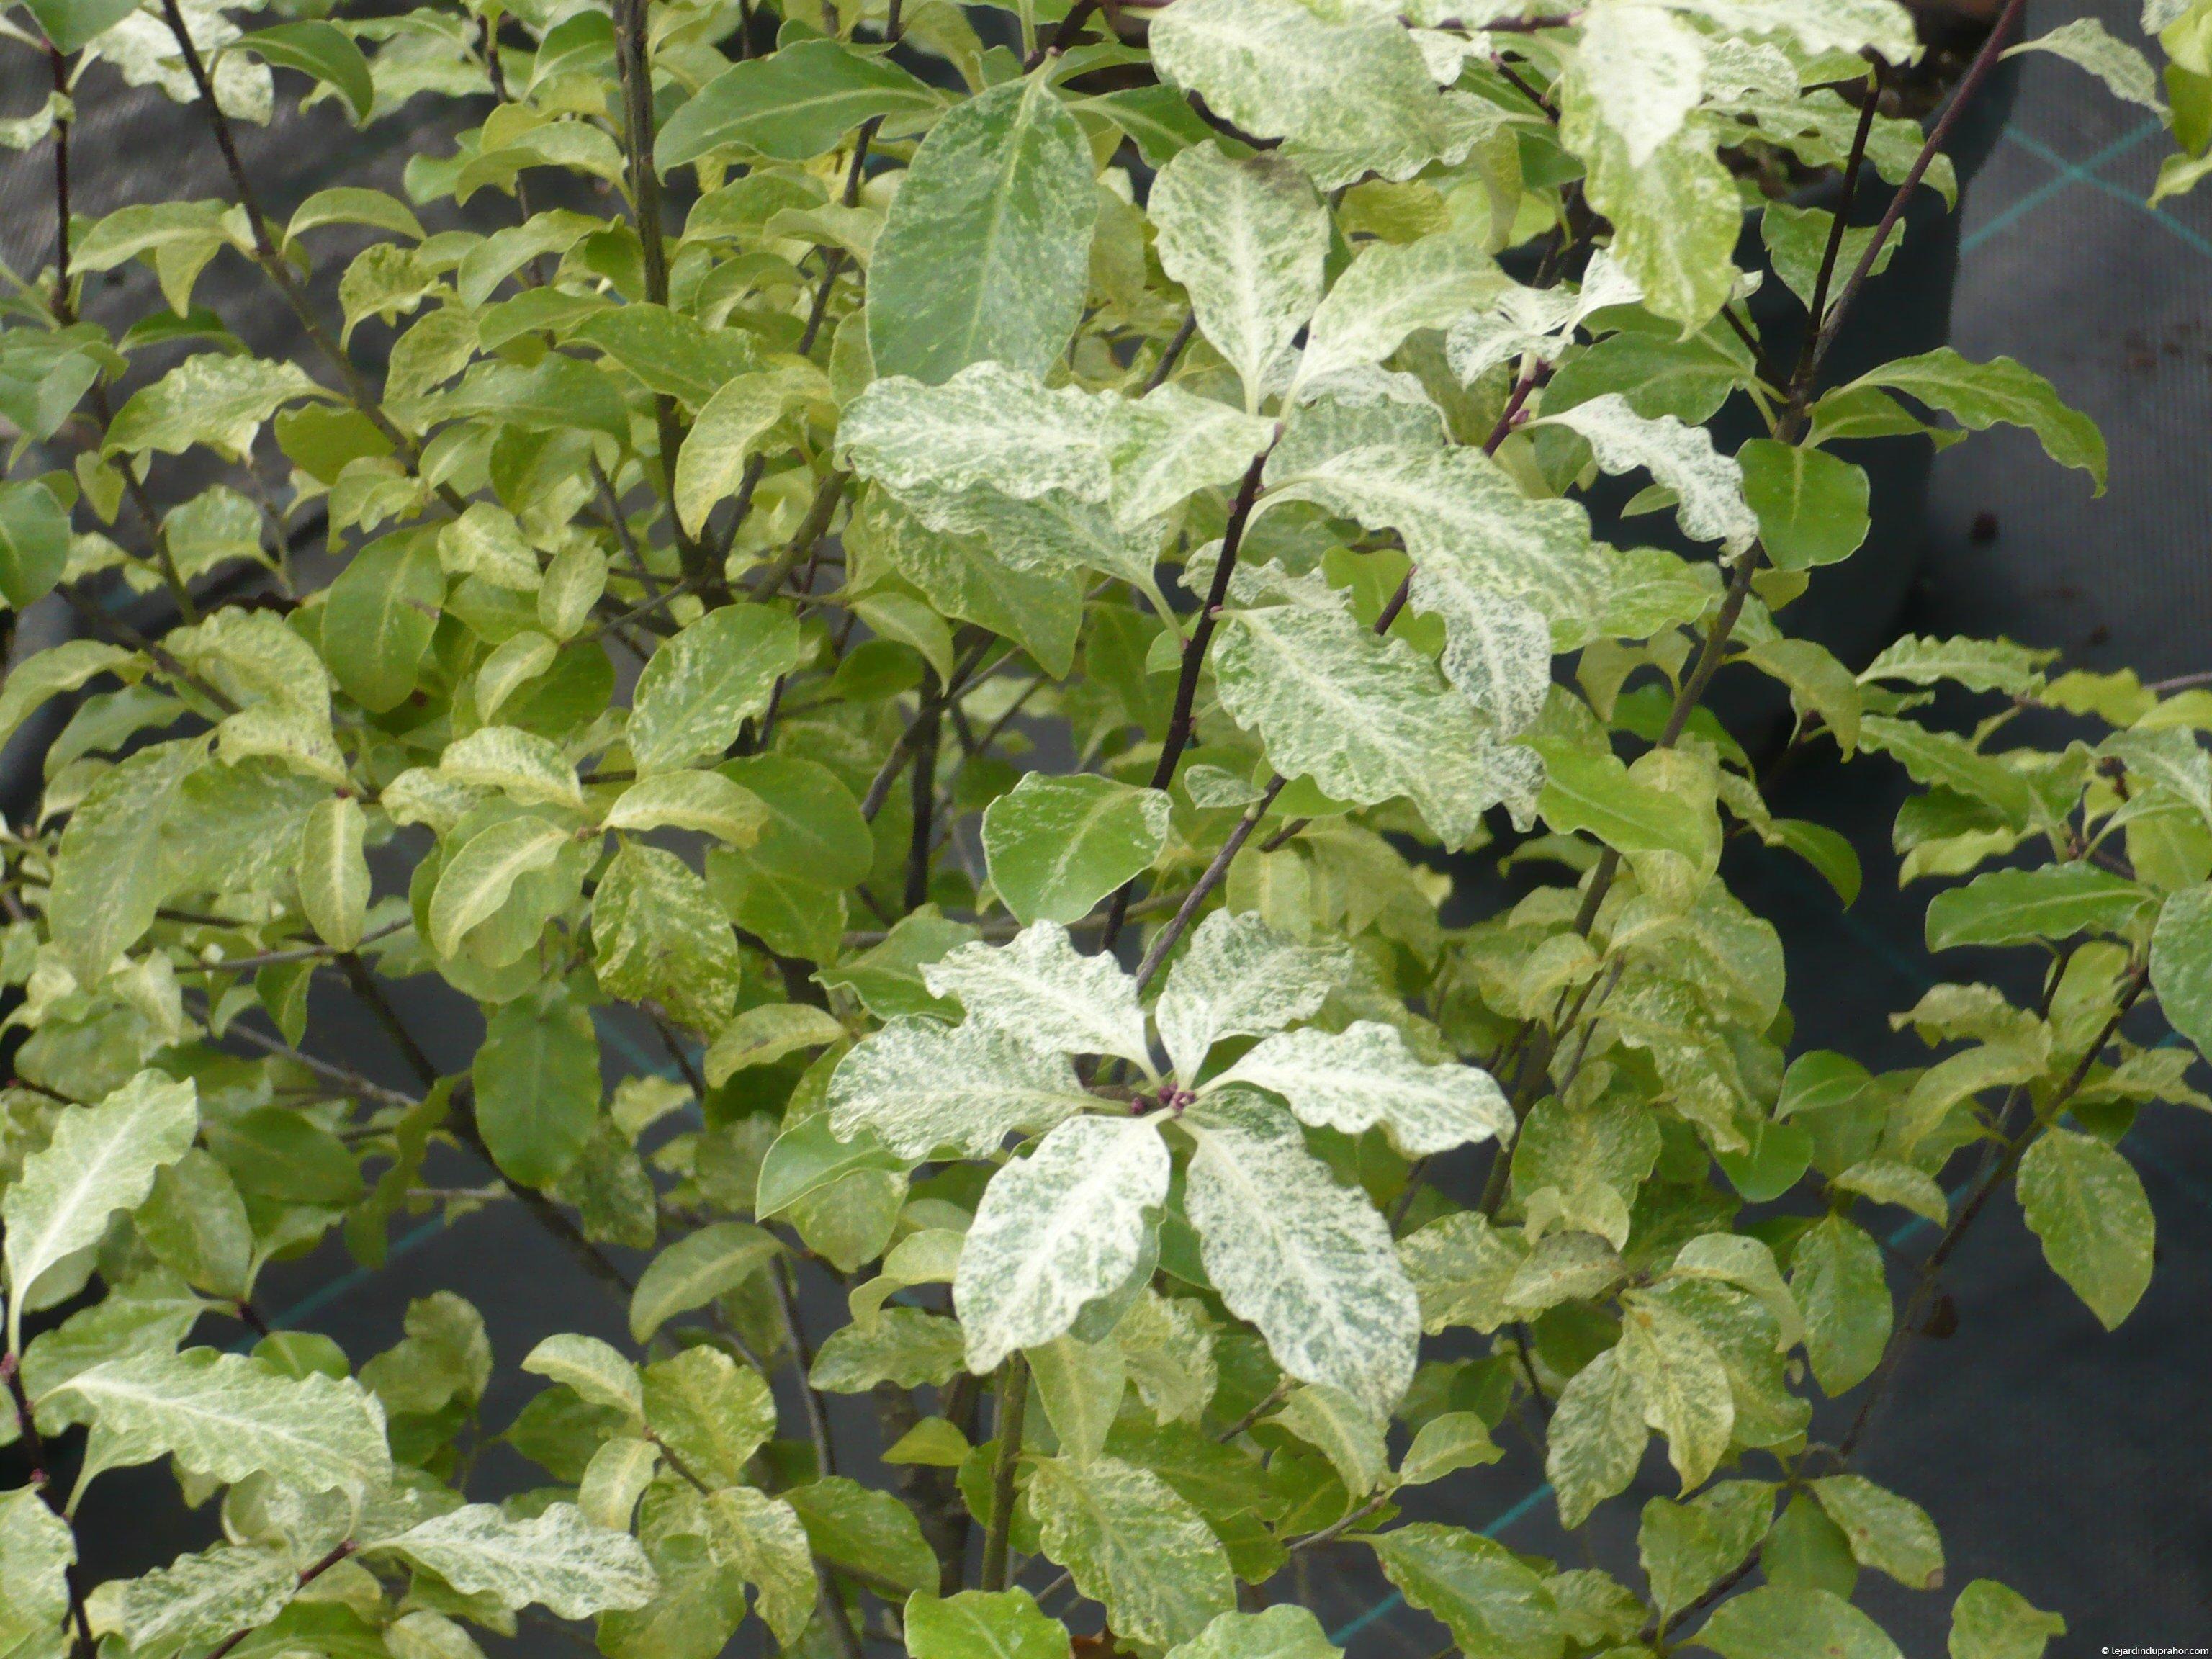 Pittosporum tenuifolium variegatum le jardin du prahor - Pittosporum tenuifolium variegatum taille ...